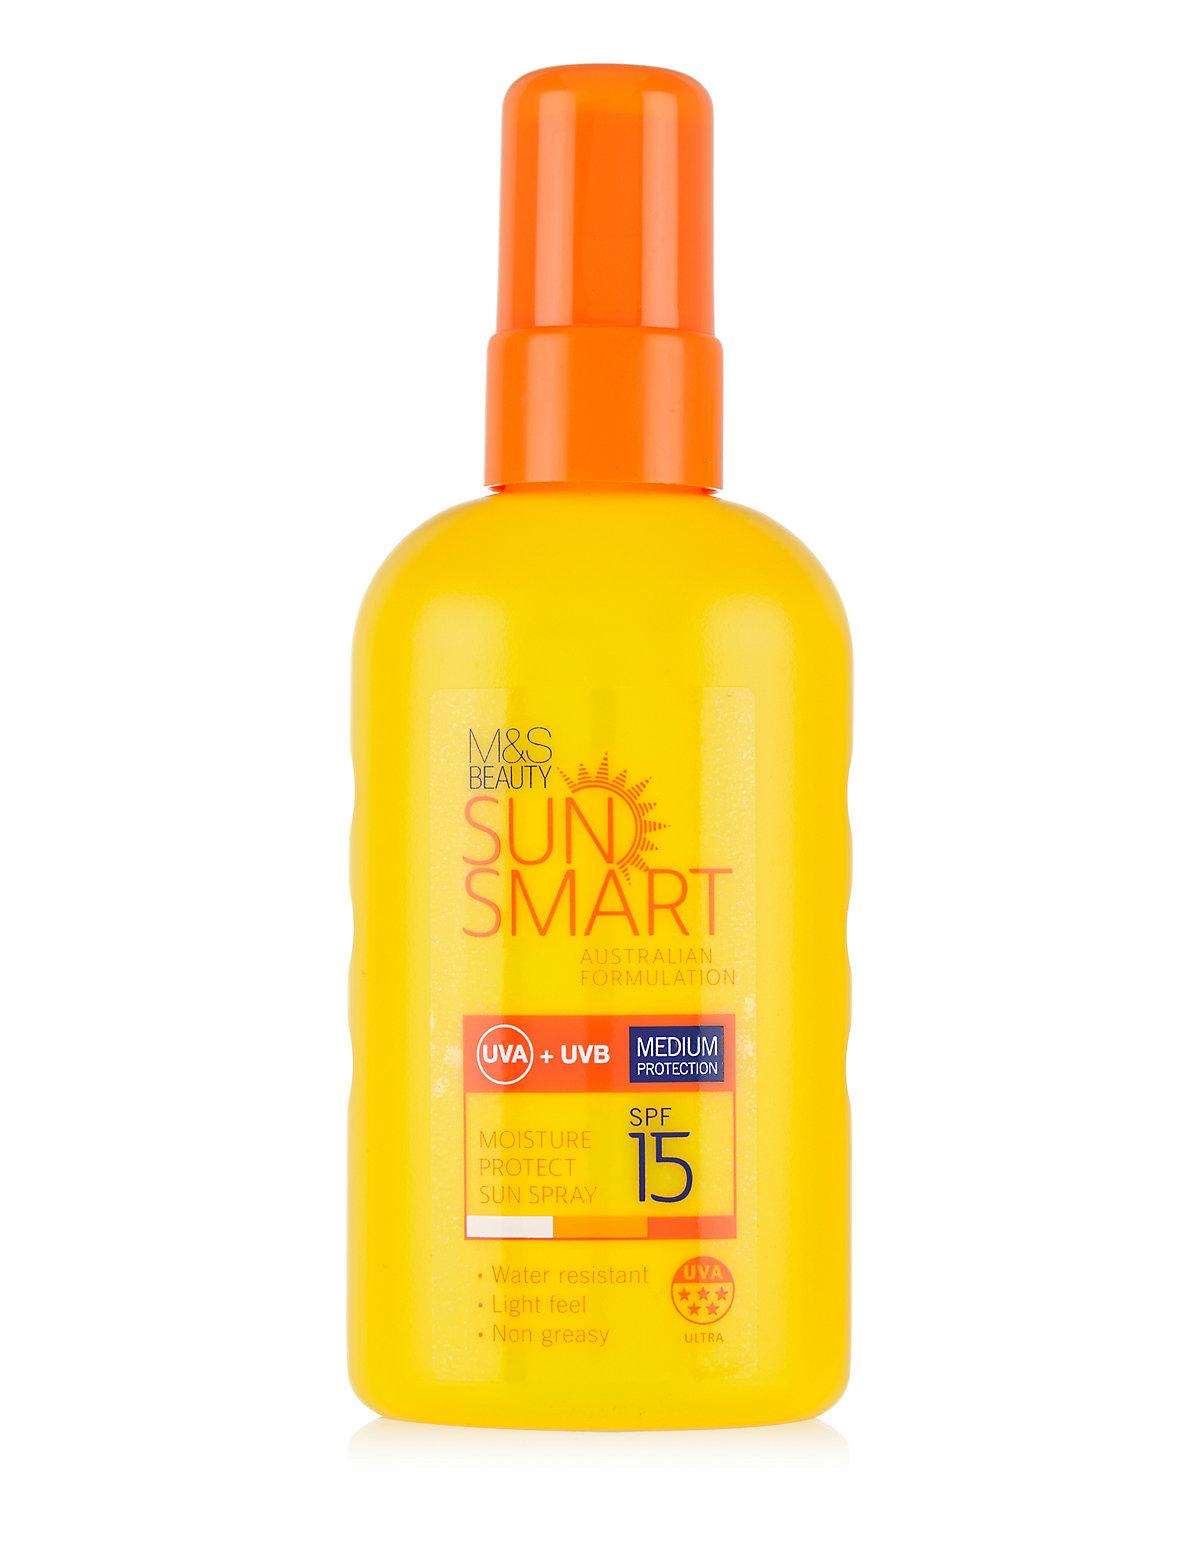 Image of Sun Smart Moisture Protect SPF15 Sun Spray 200ml